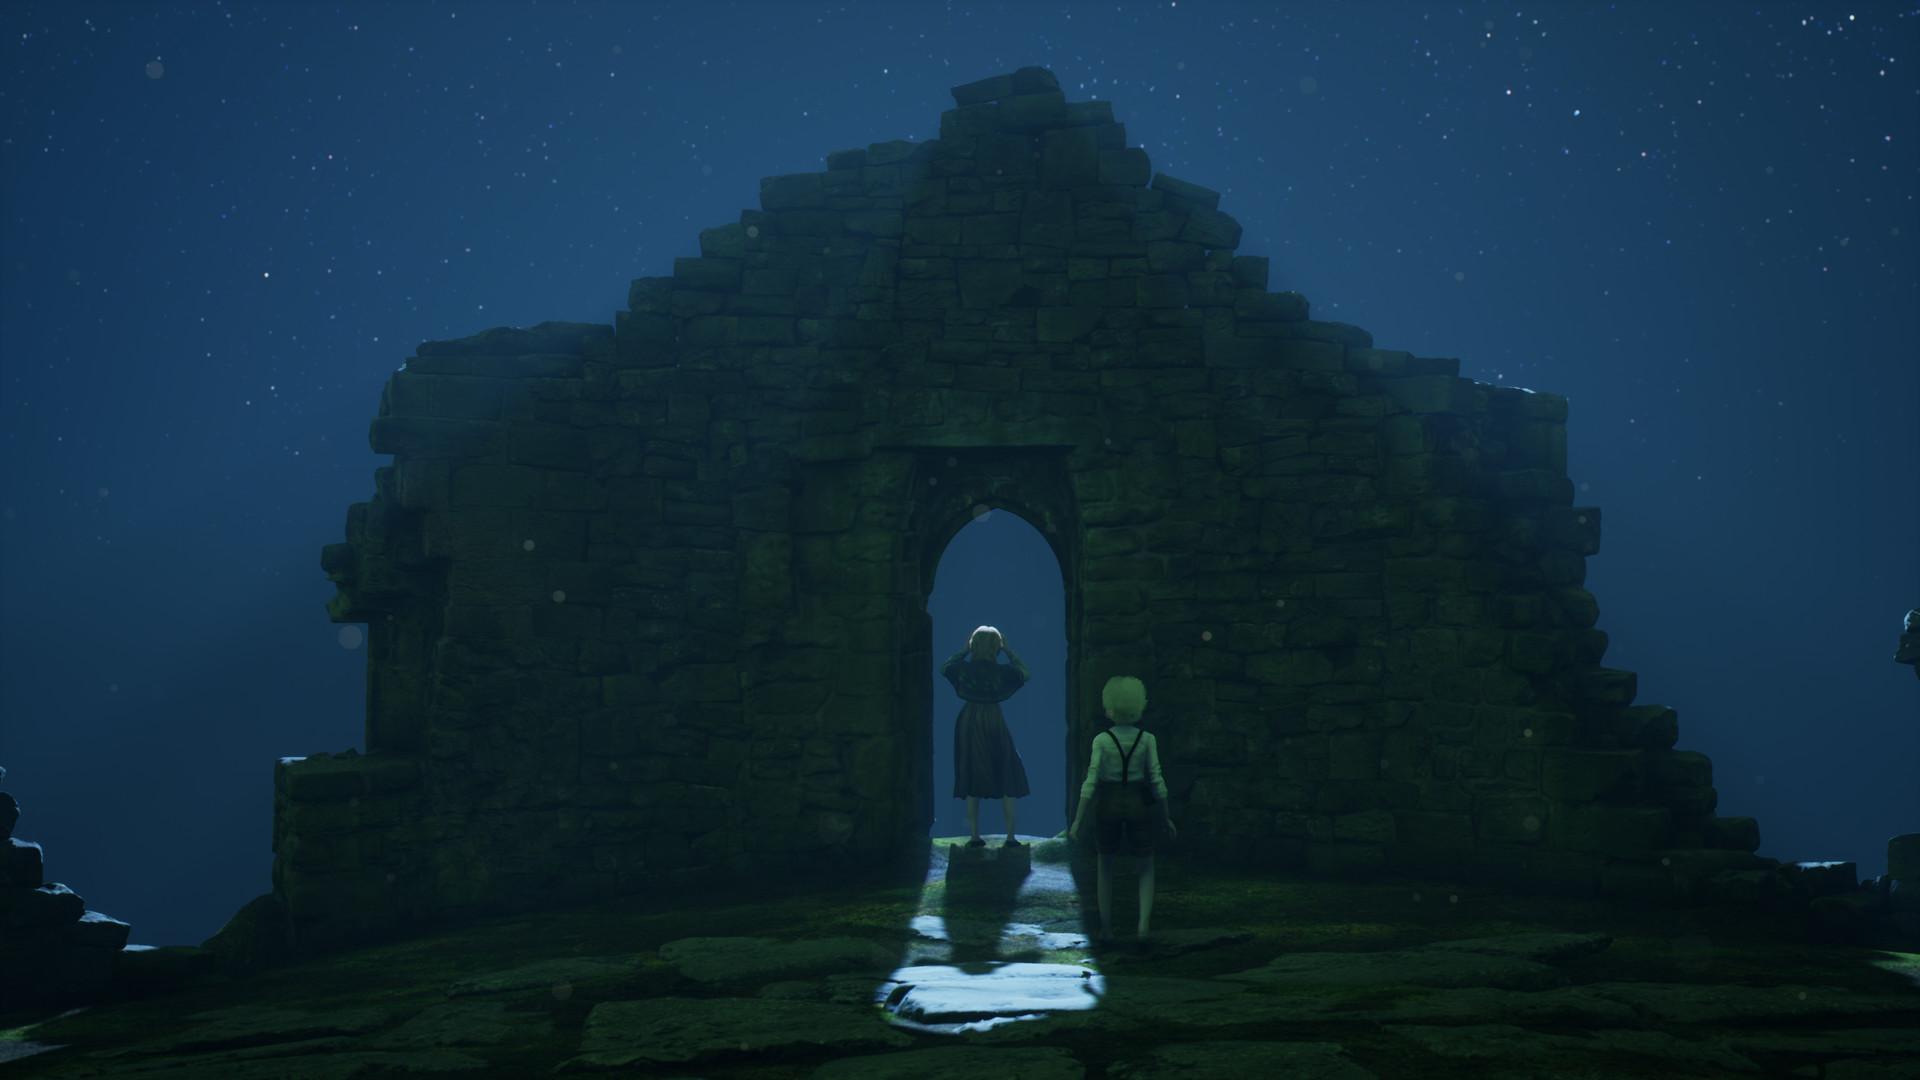 恐怖冒险游戏《布兰博:山丘之王》Steam页面上线 预计2022年发售